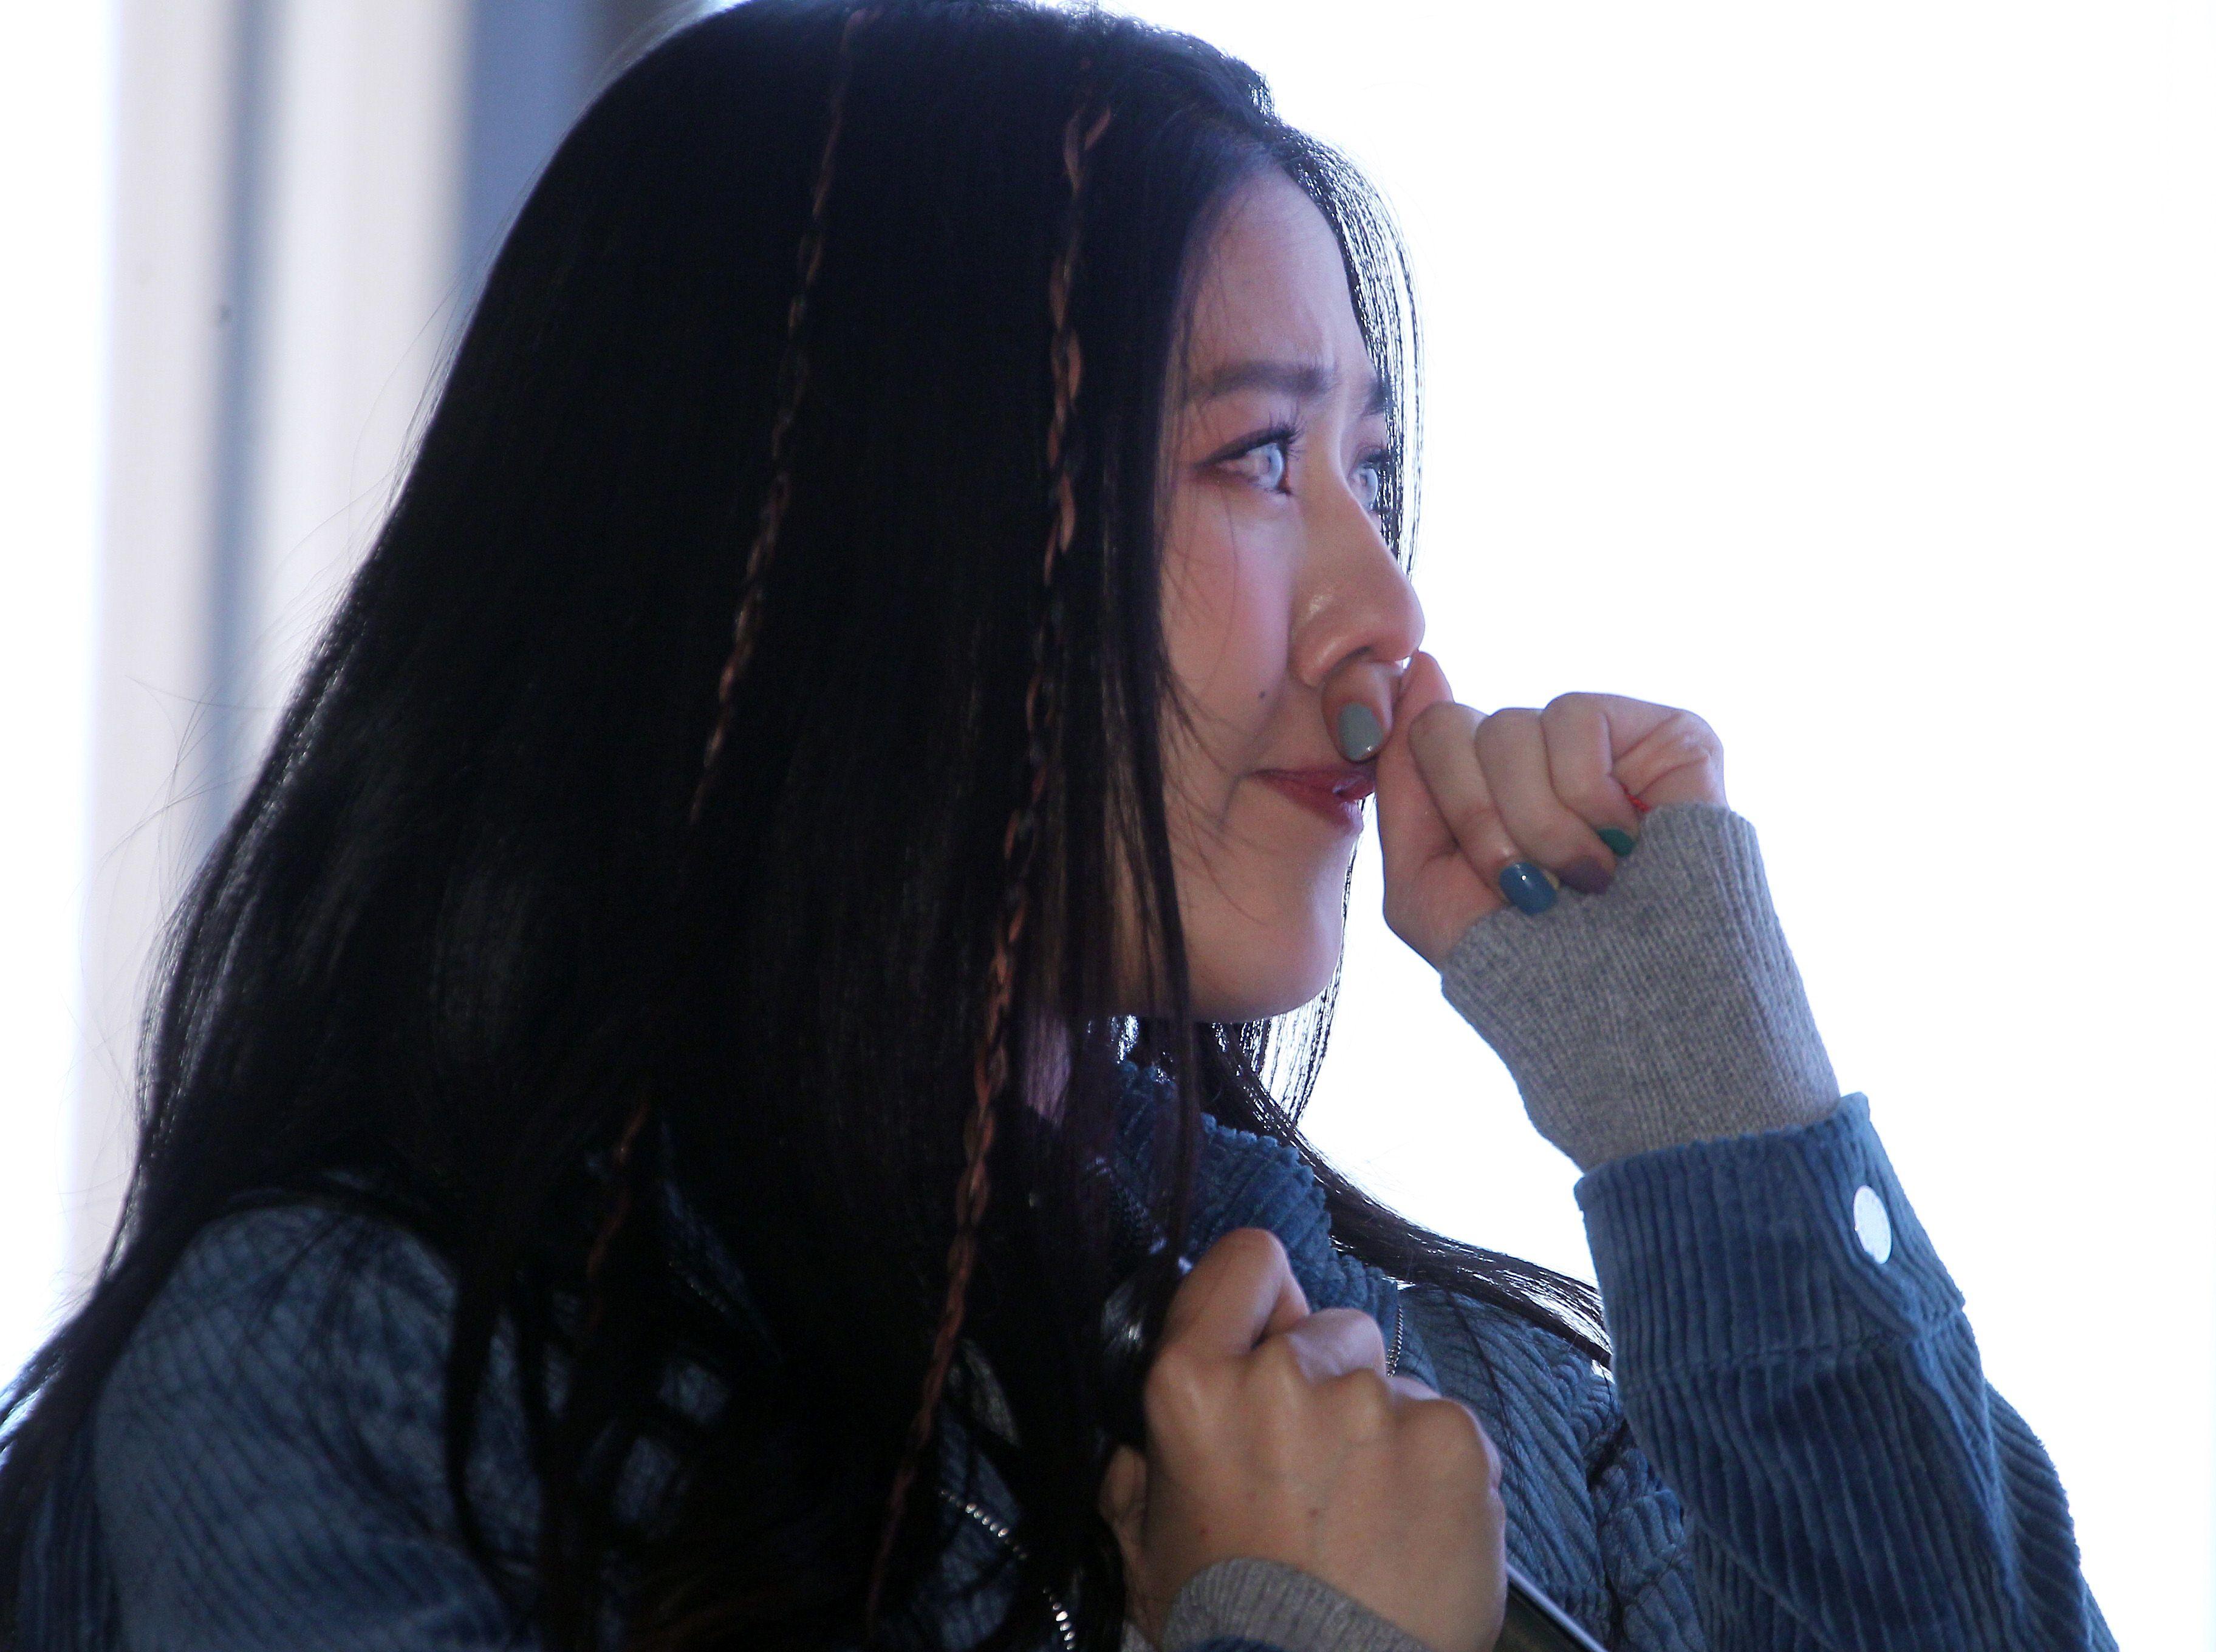 Erika劉艾立「天鵝說」發片記者會。(記者邱榮吉/攝影)